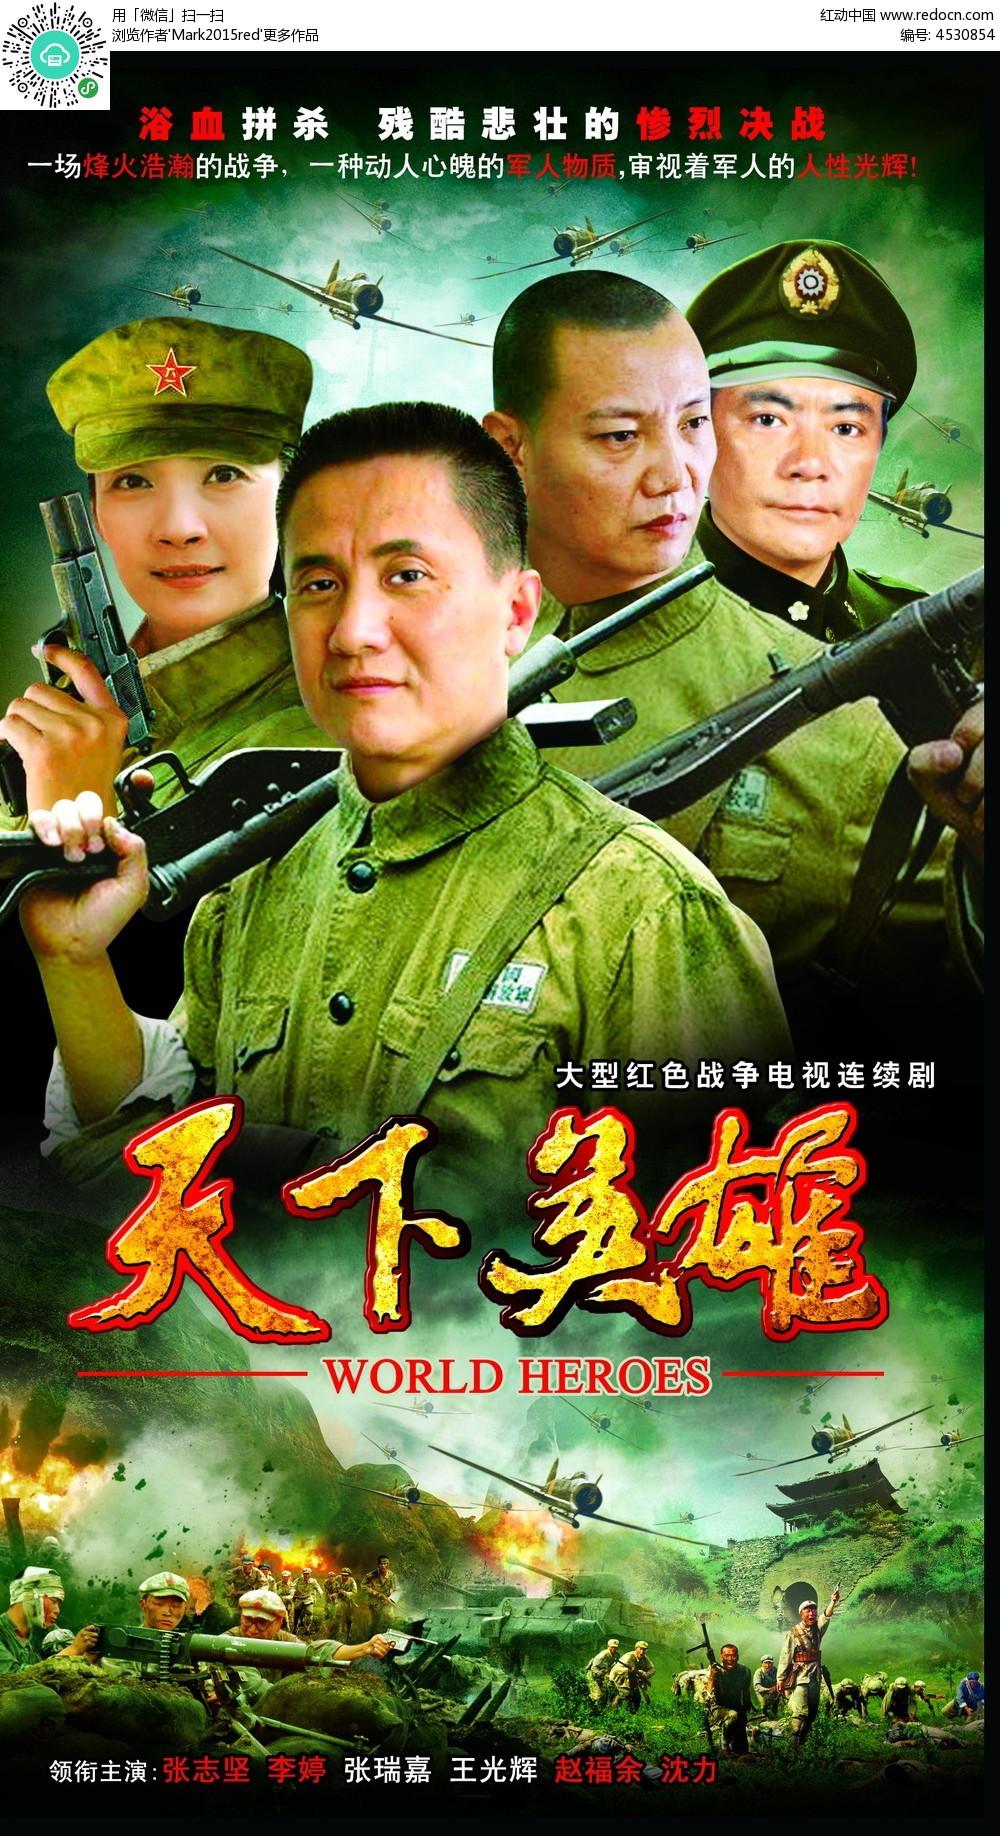 天下英雄电影宣传海报